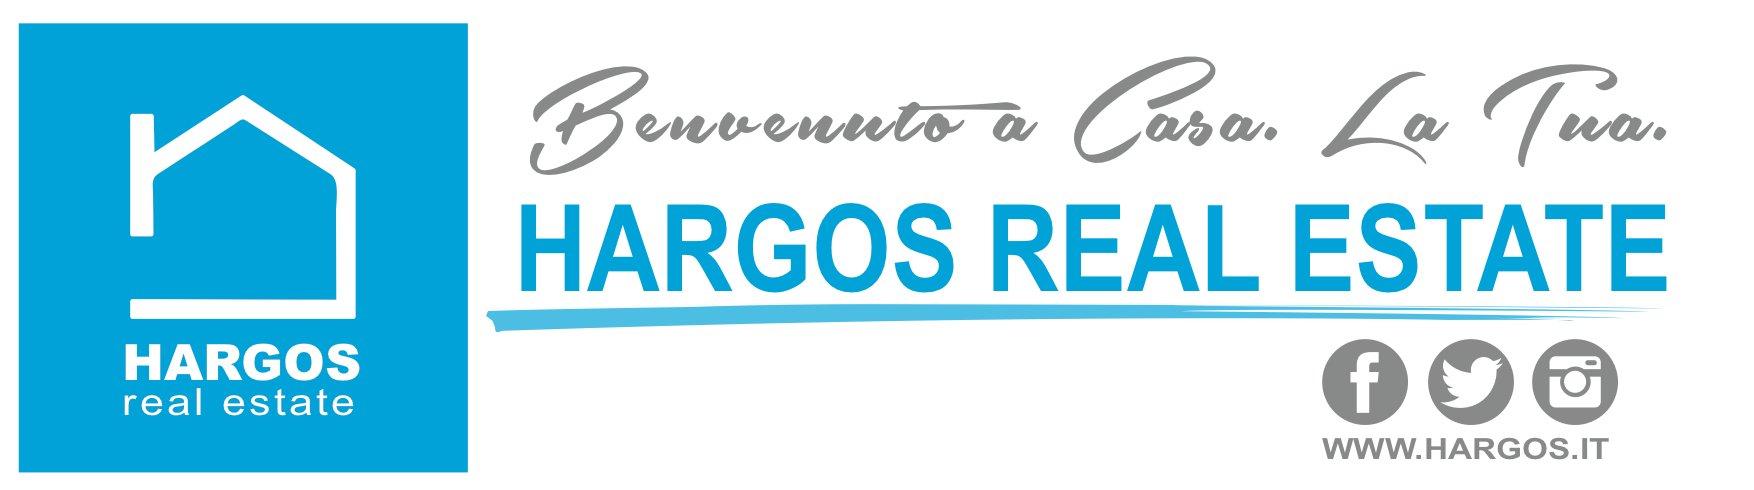 HARGOS r.e.